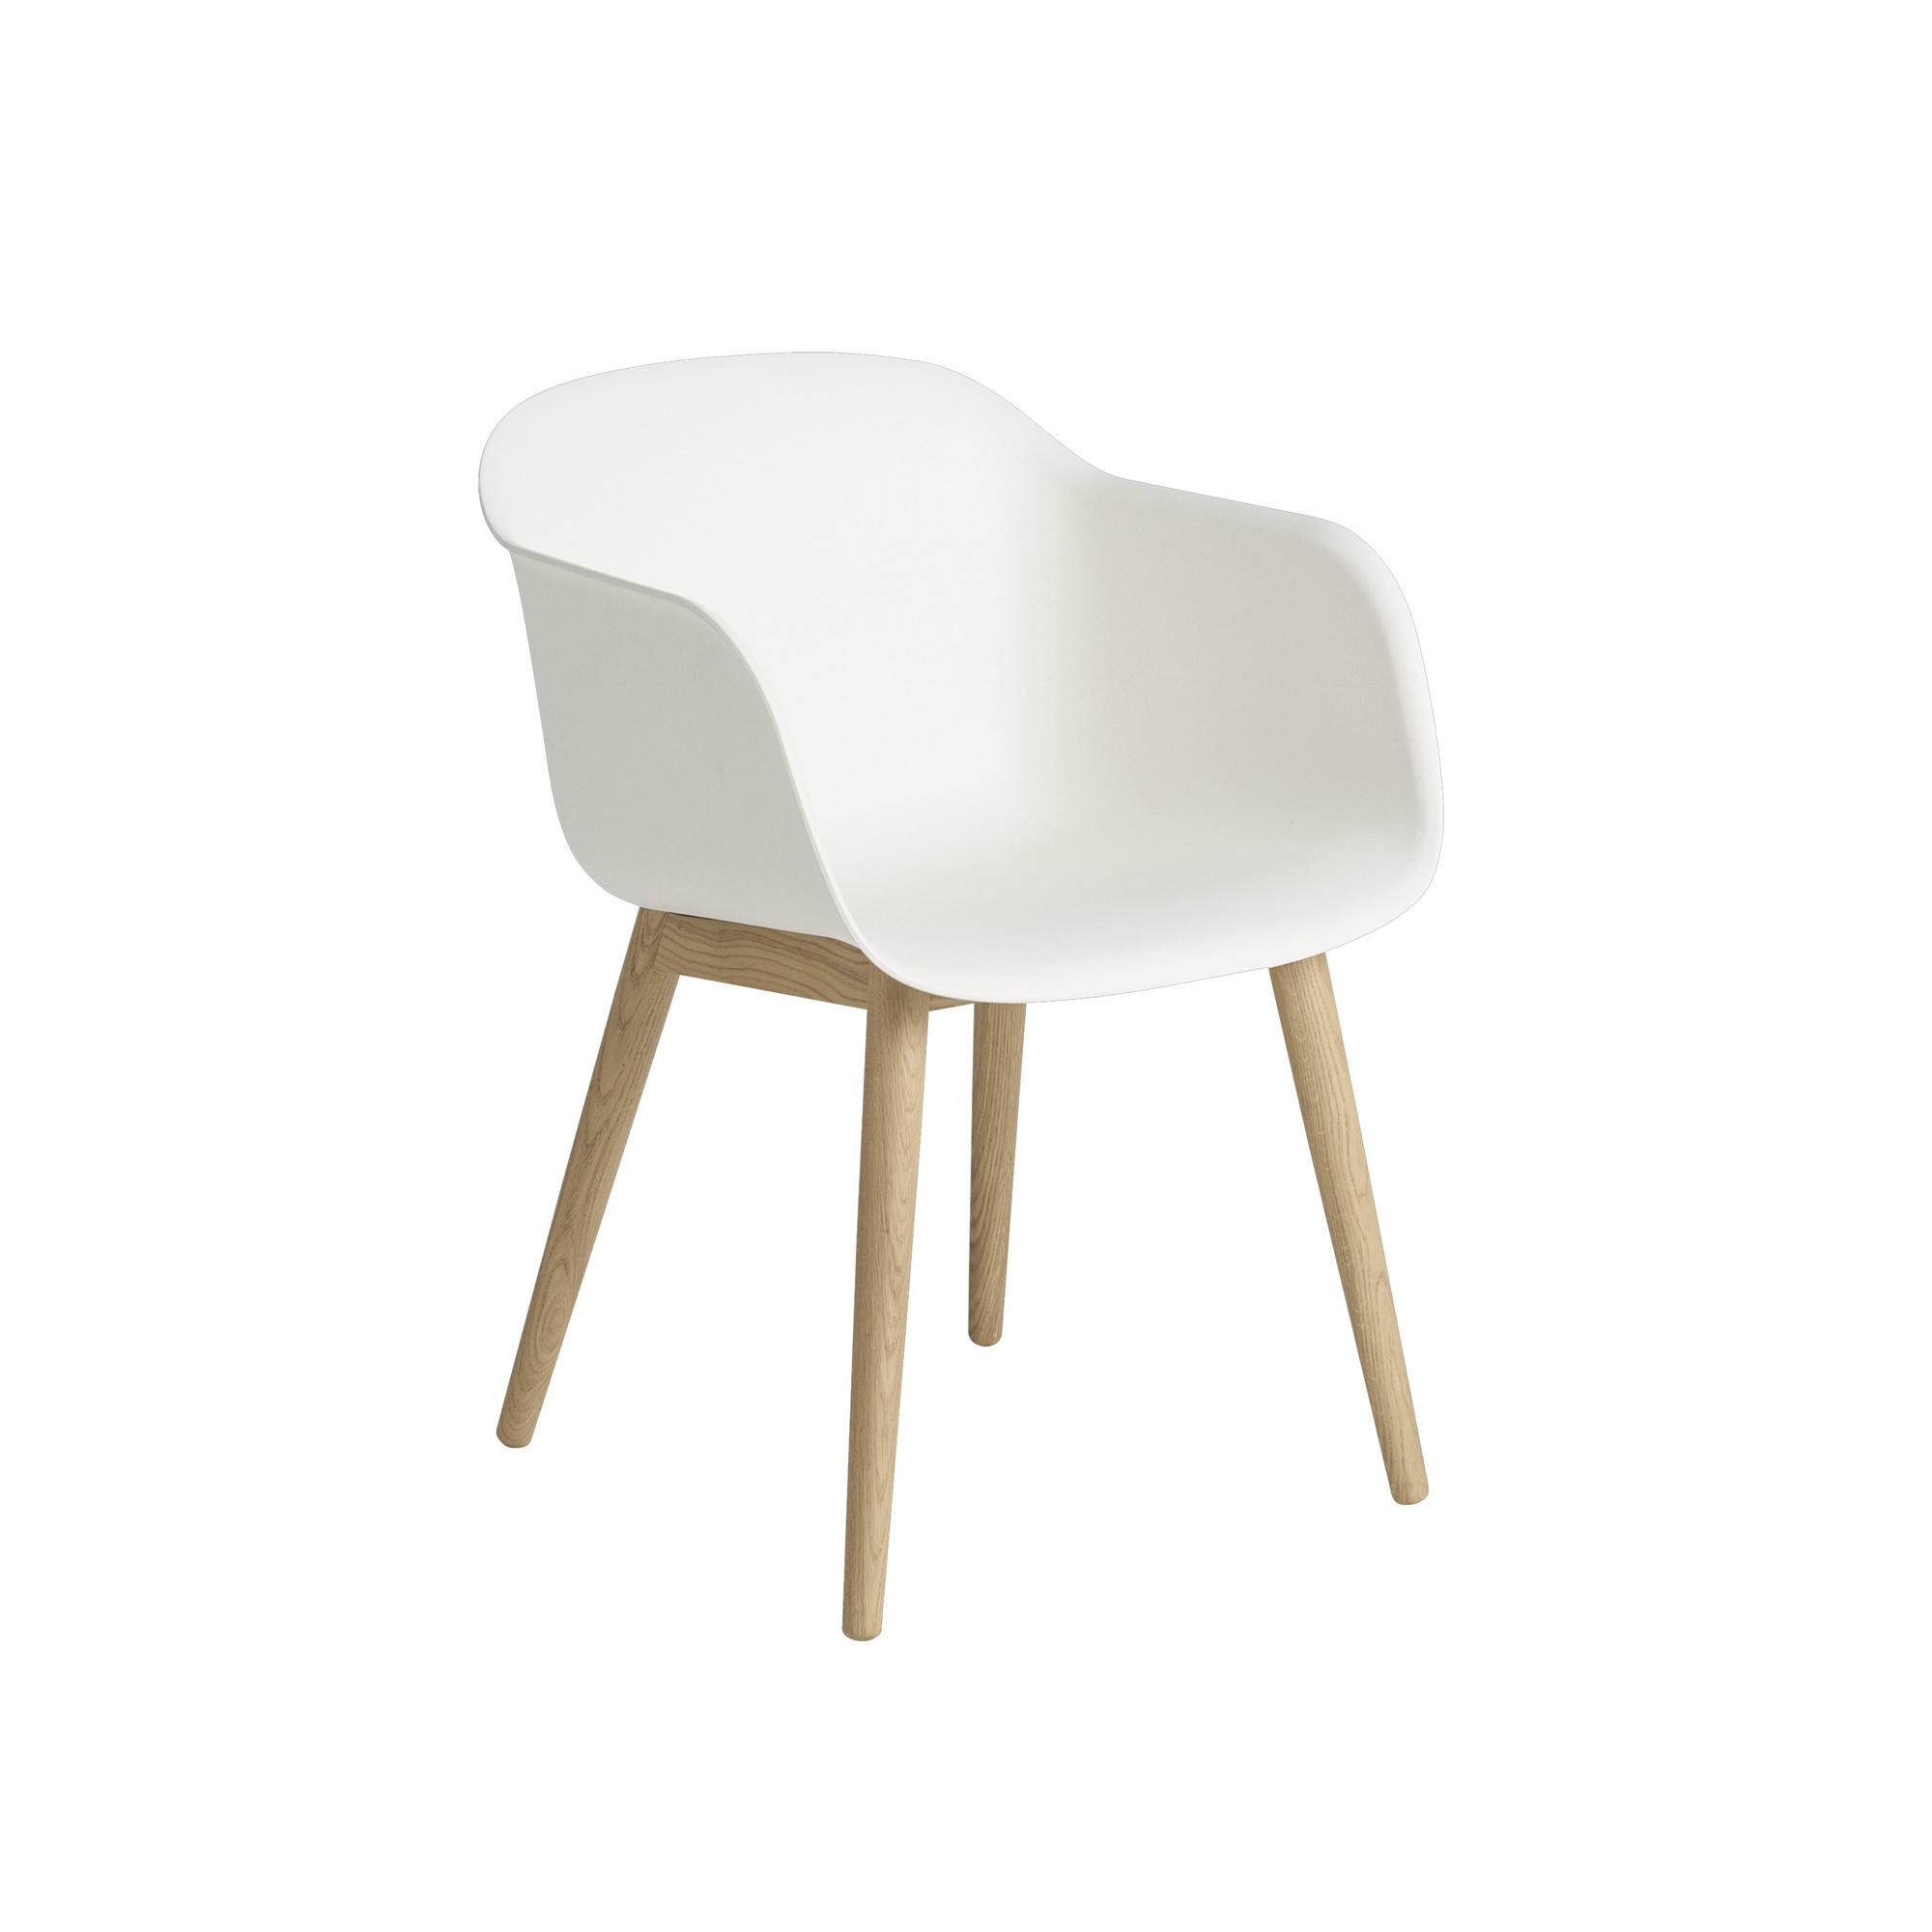 Muuto Stol Fiber wood vit/ek